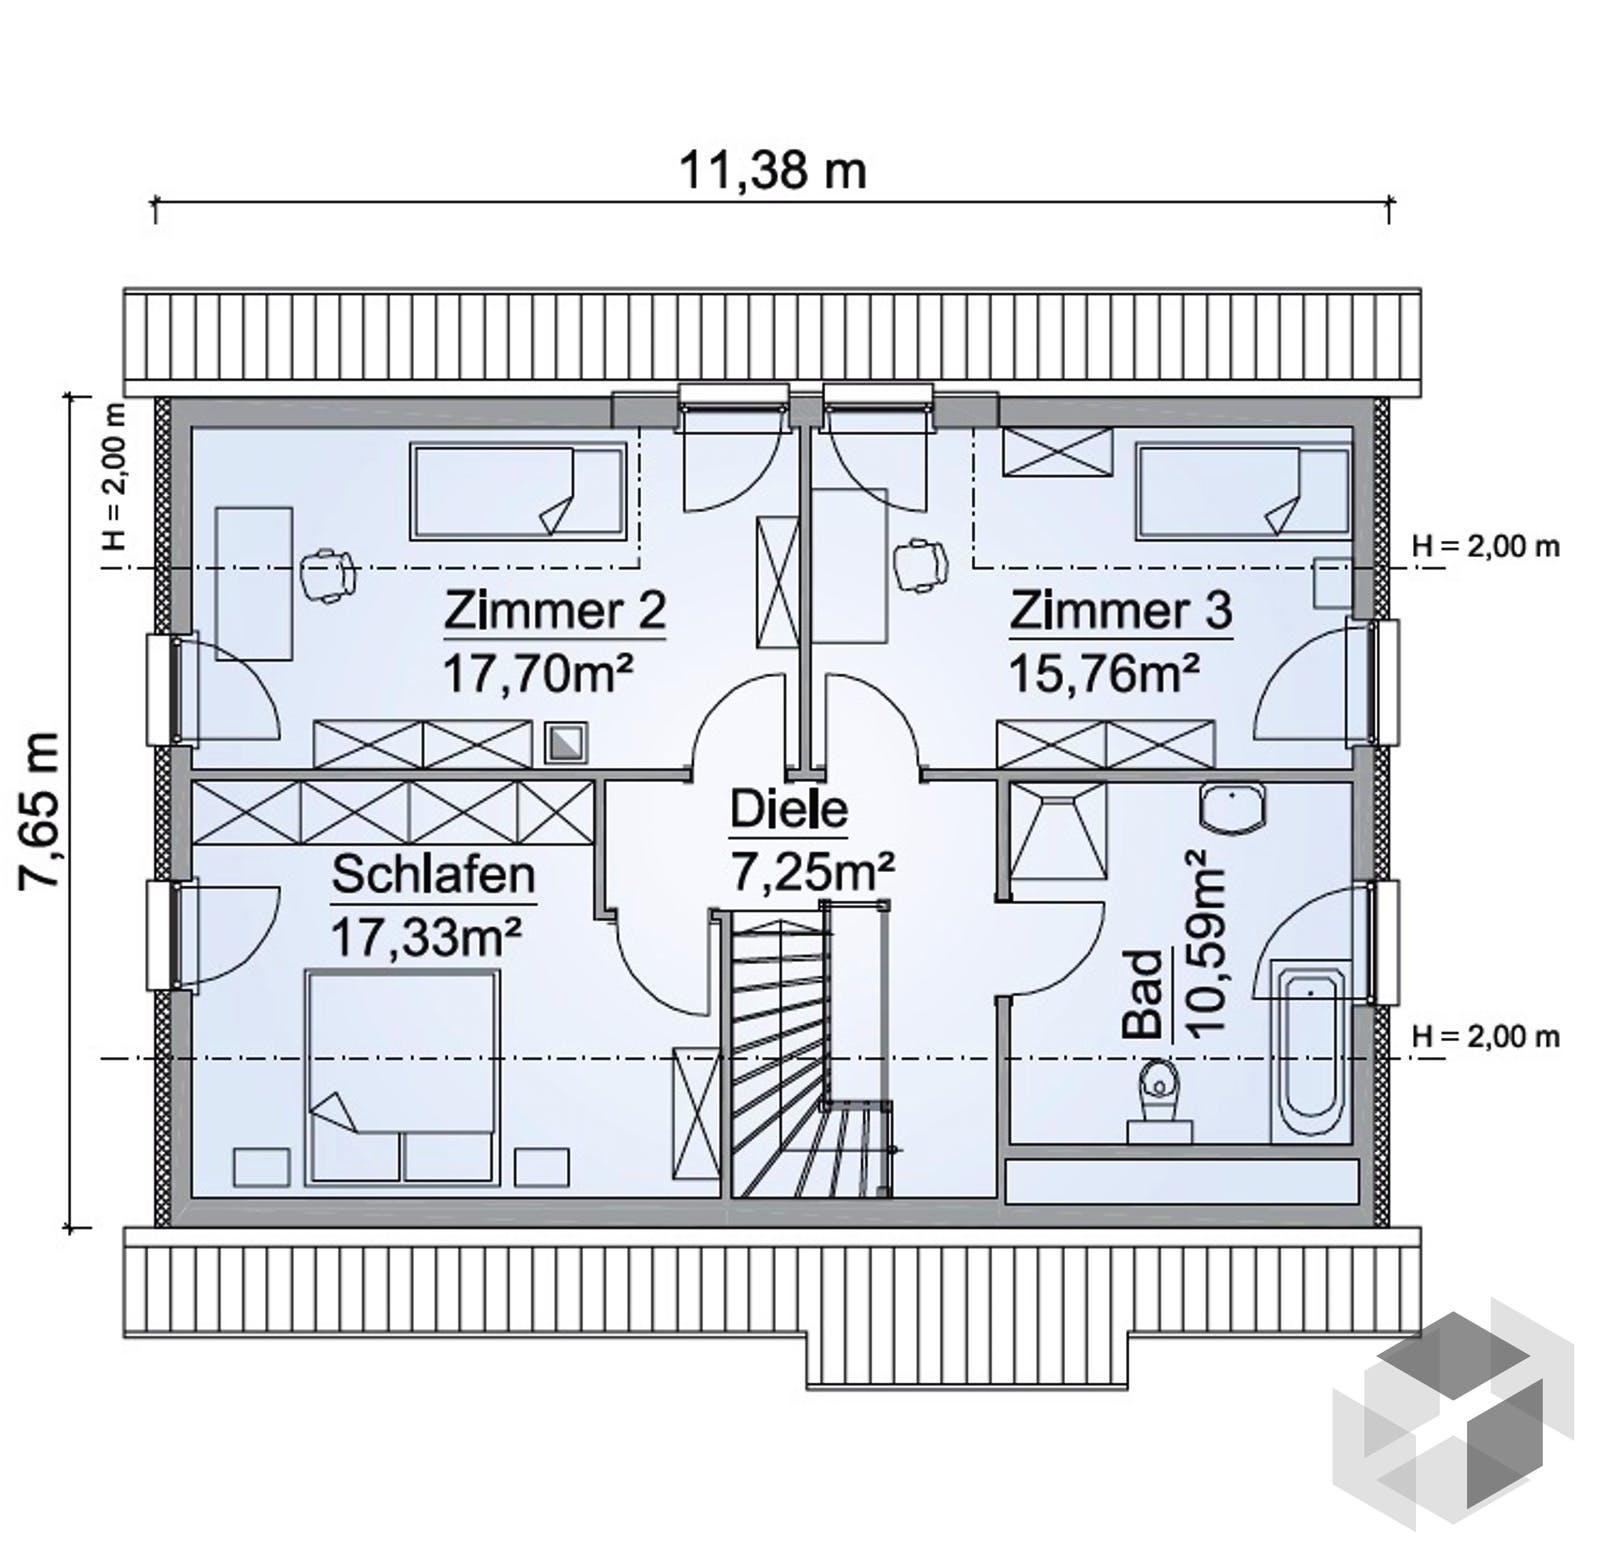 sh 154 var d von scanhaus marlow komplette. Black Bedroom Furniture Sets. Home Design Ideas